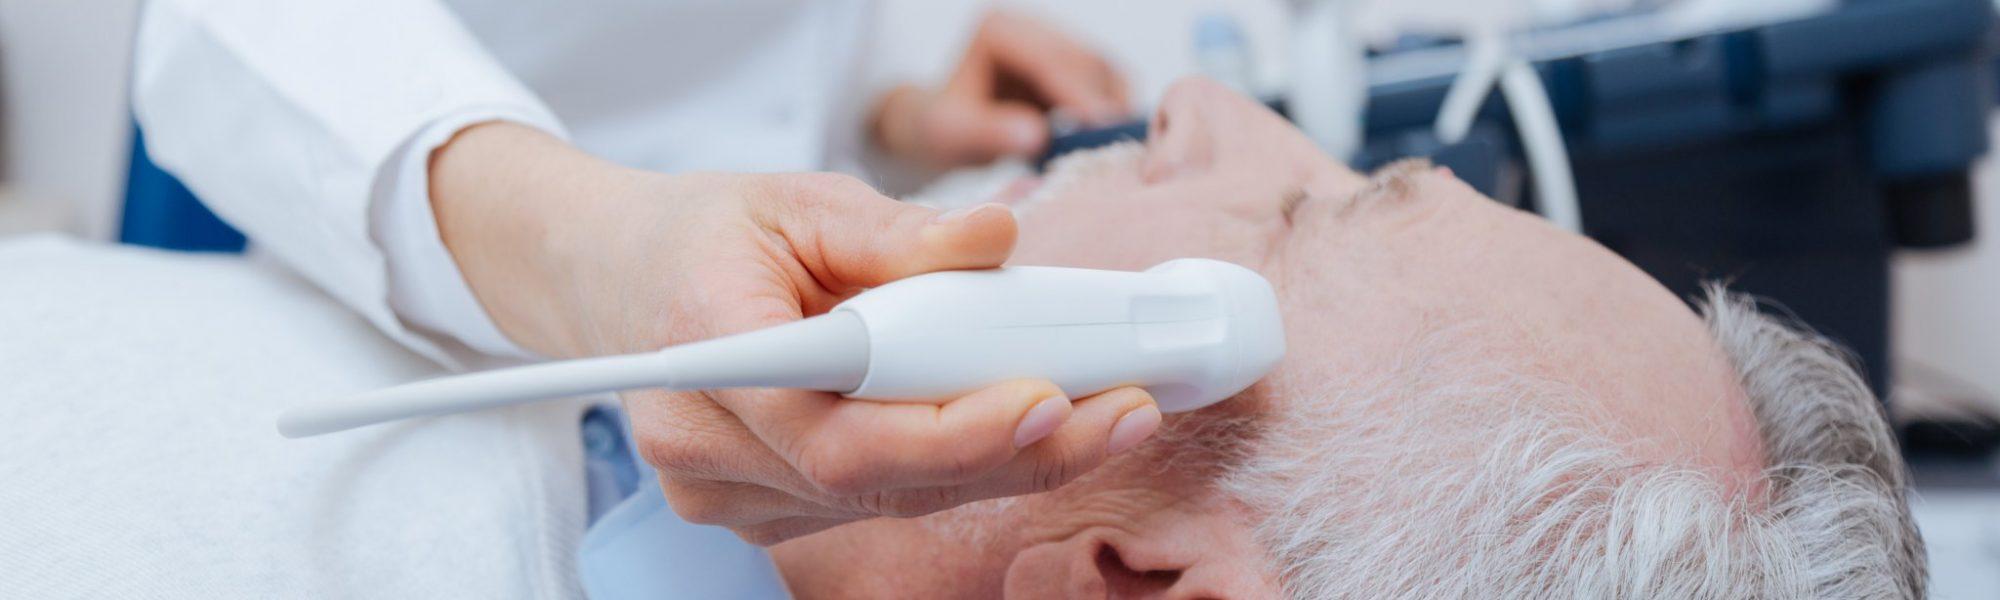 Ultraschall in der Neuropraxis Nürnberg